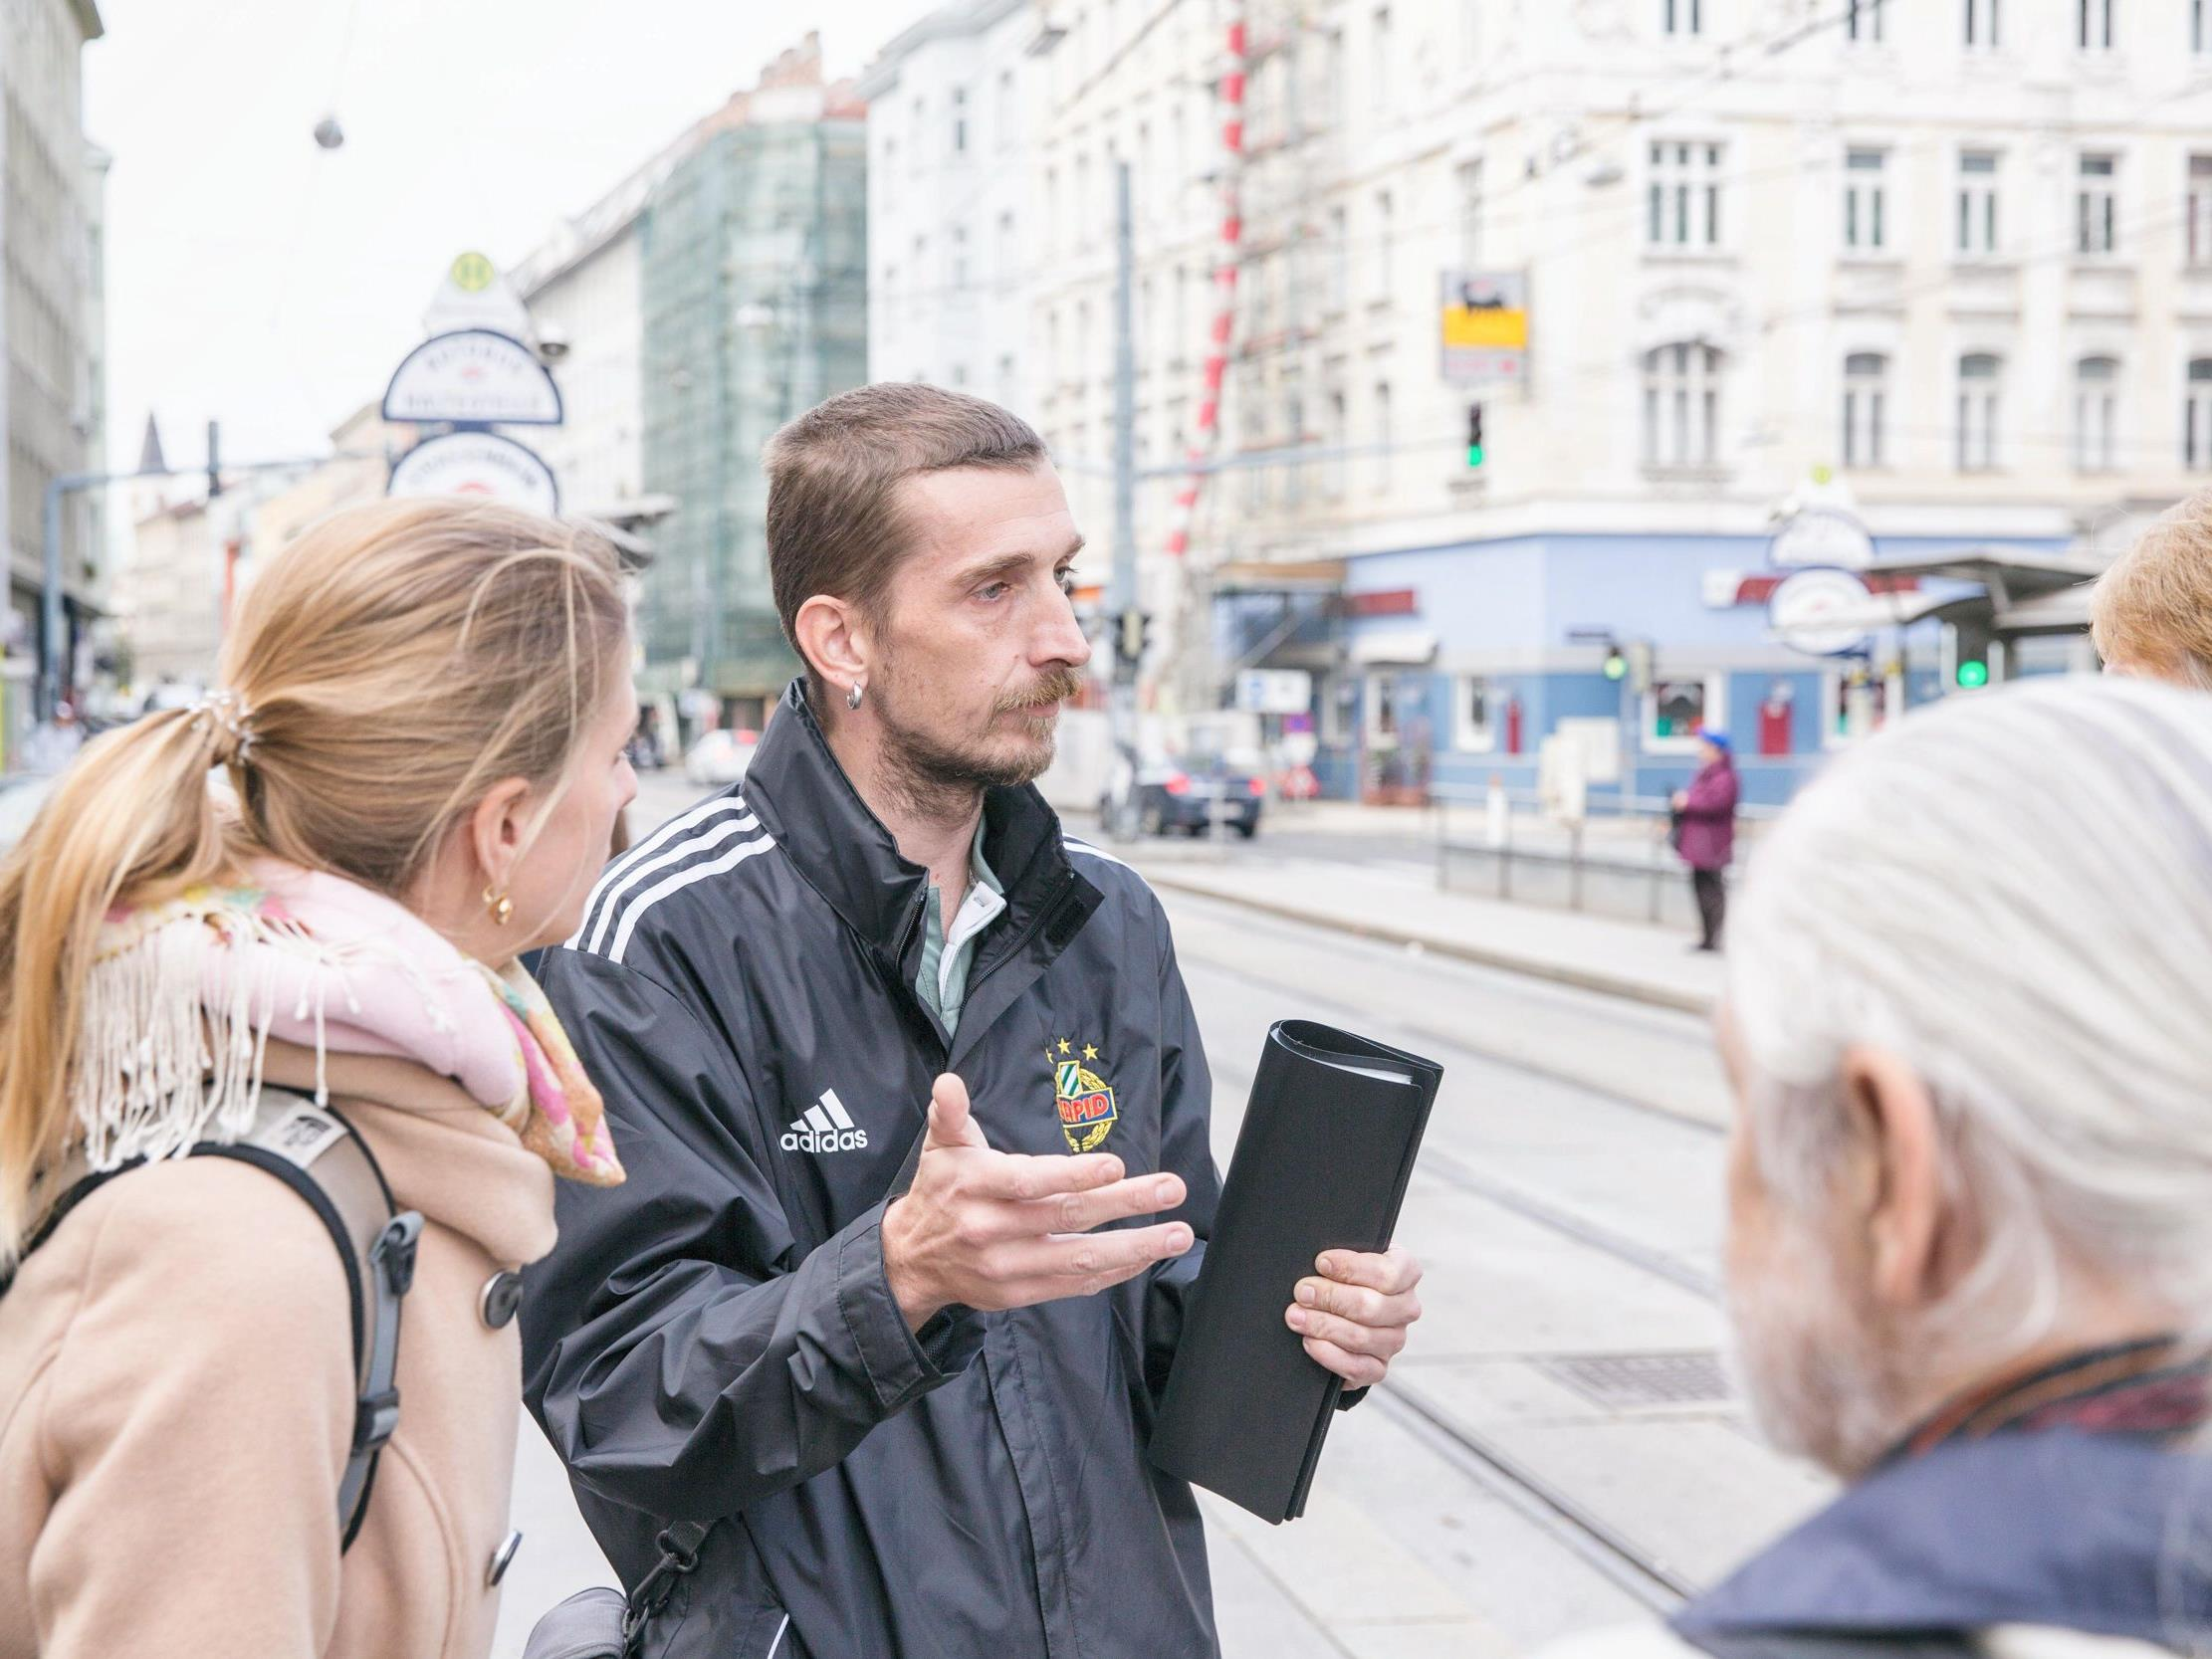 Bei den Shades Tours Vienna lernt man Wien aus der Sicht von Obdachlosen kennen